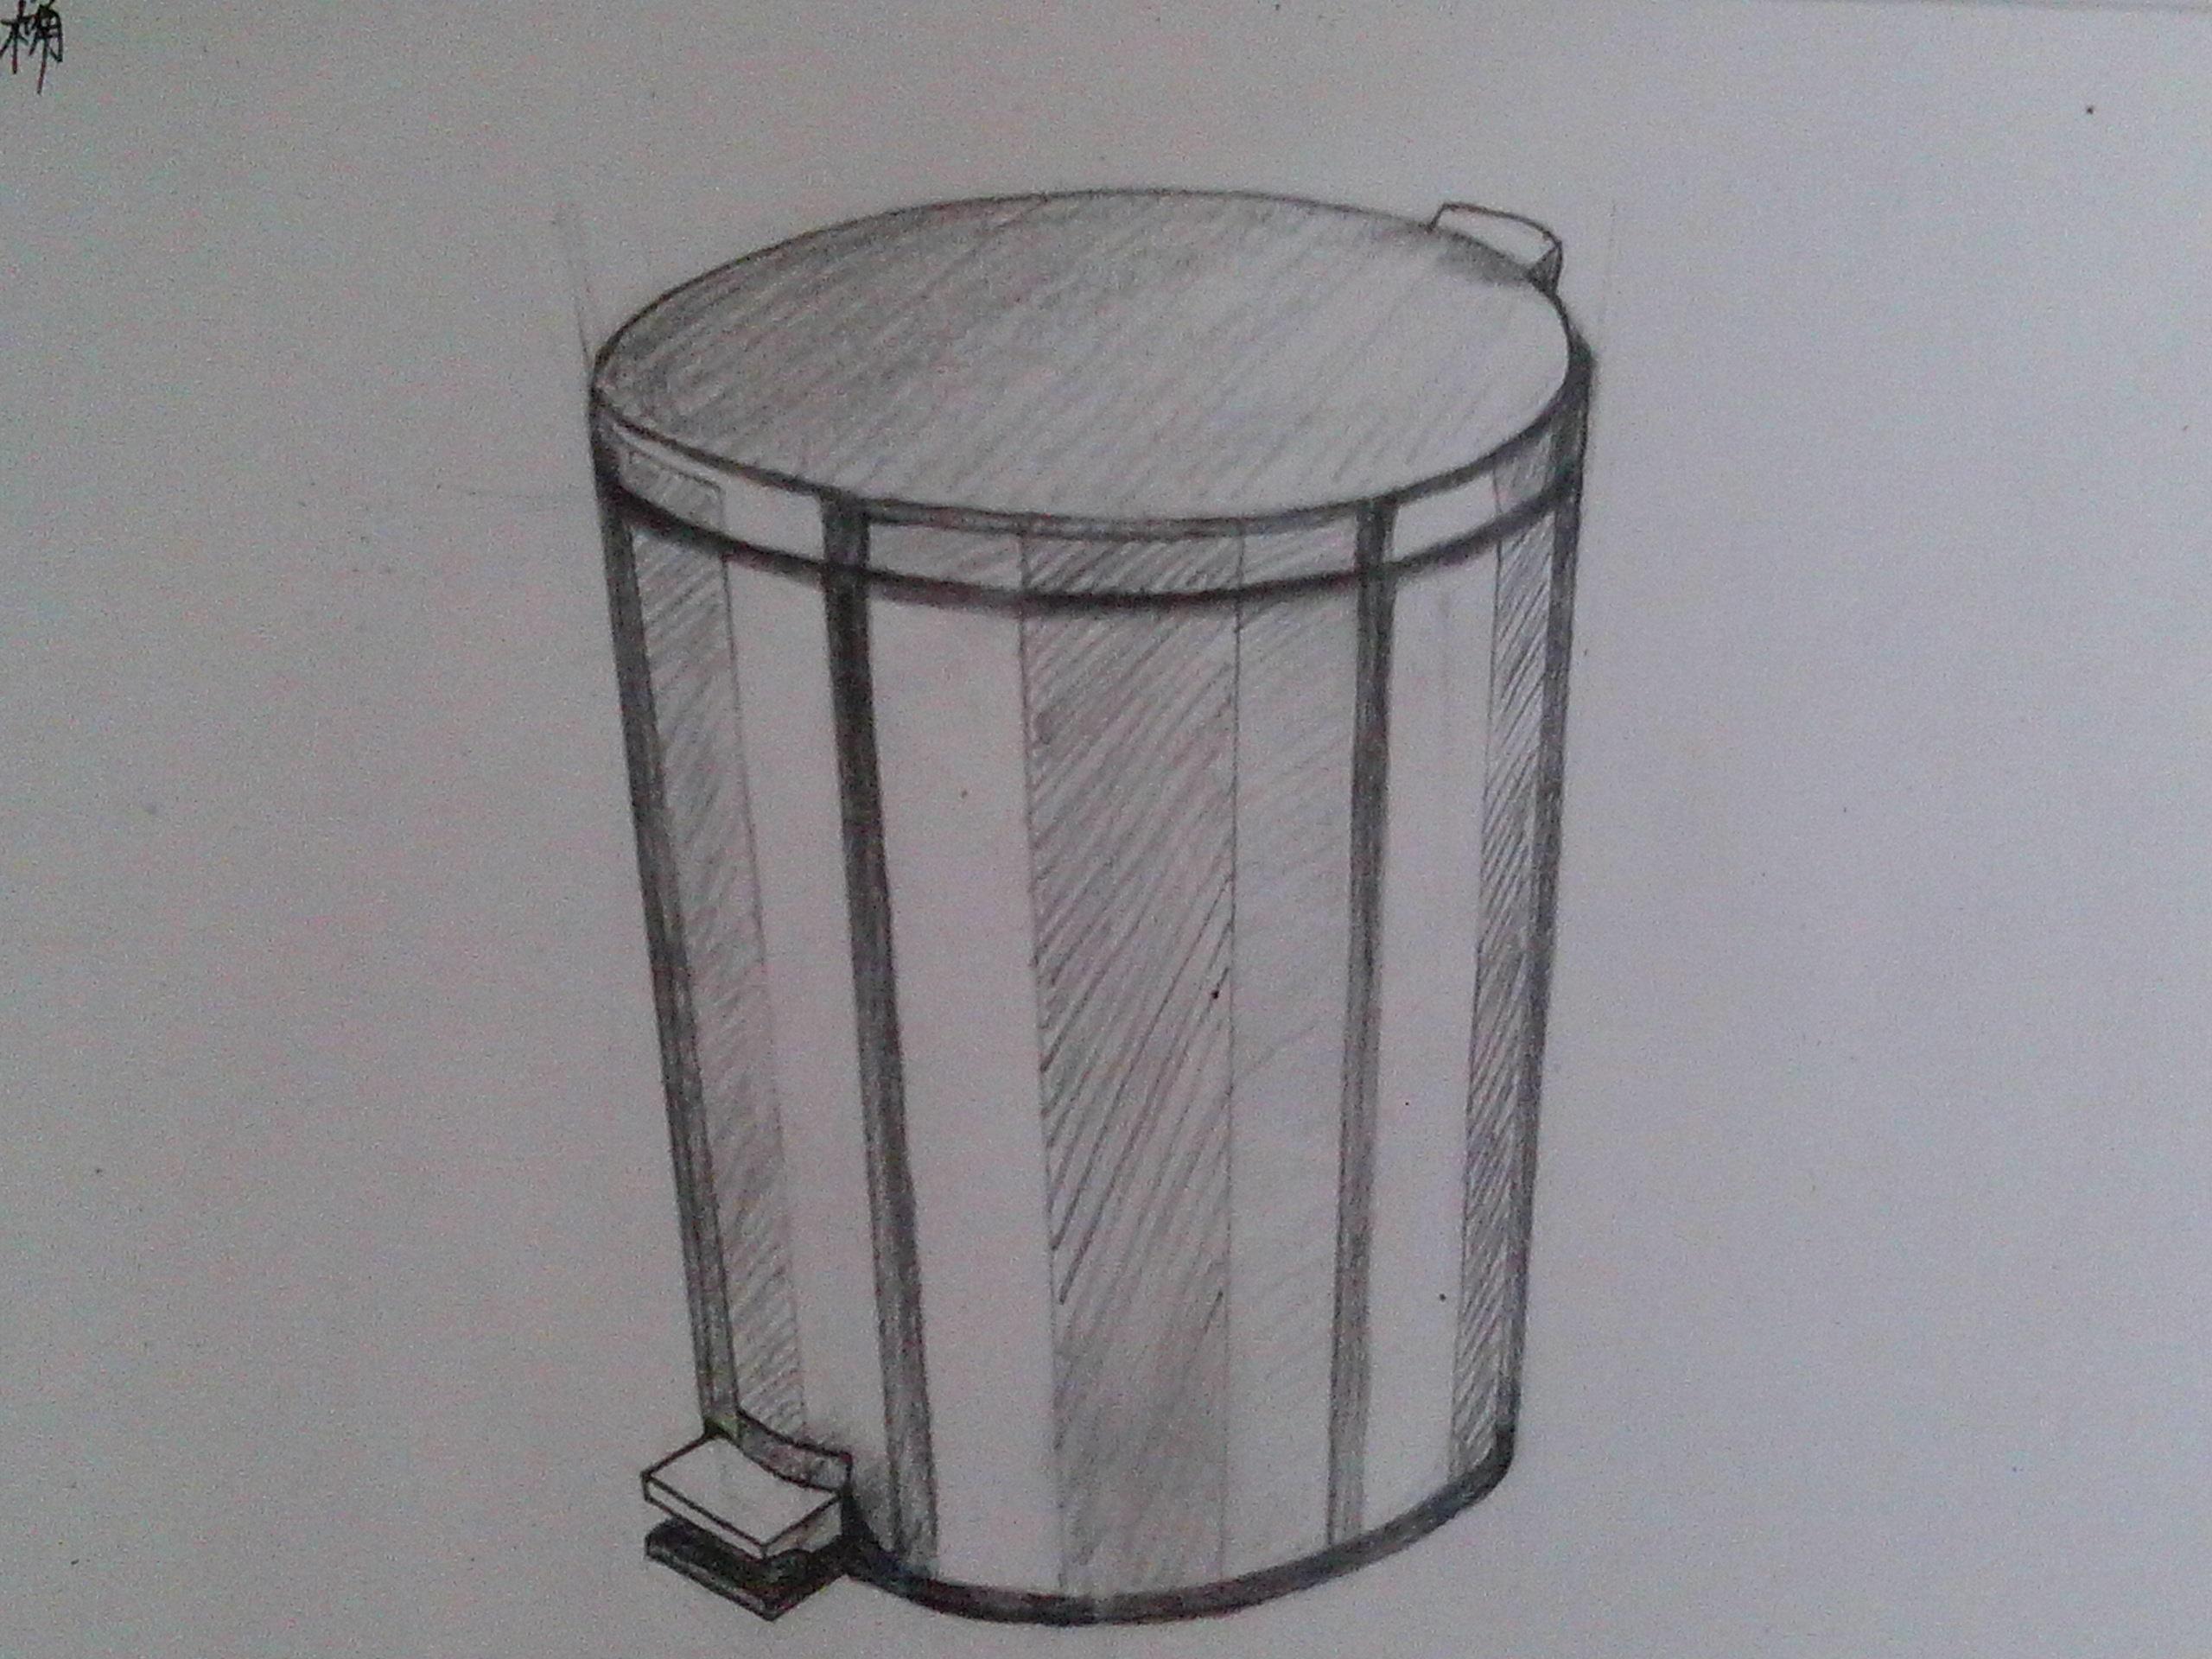 素描和彩色铅笔画|插画|插画习作|逗逗烟花 - 原创